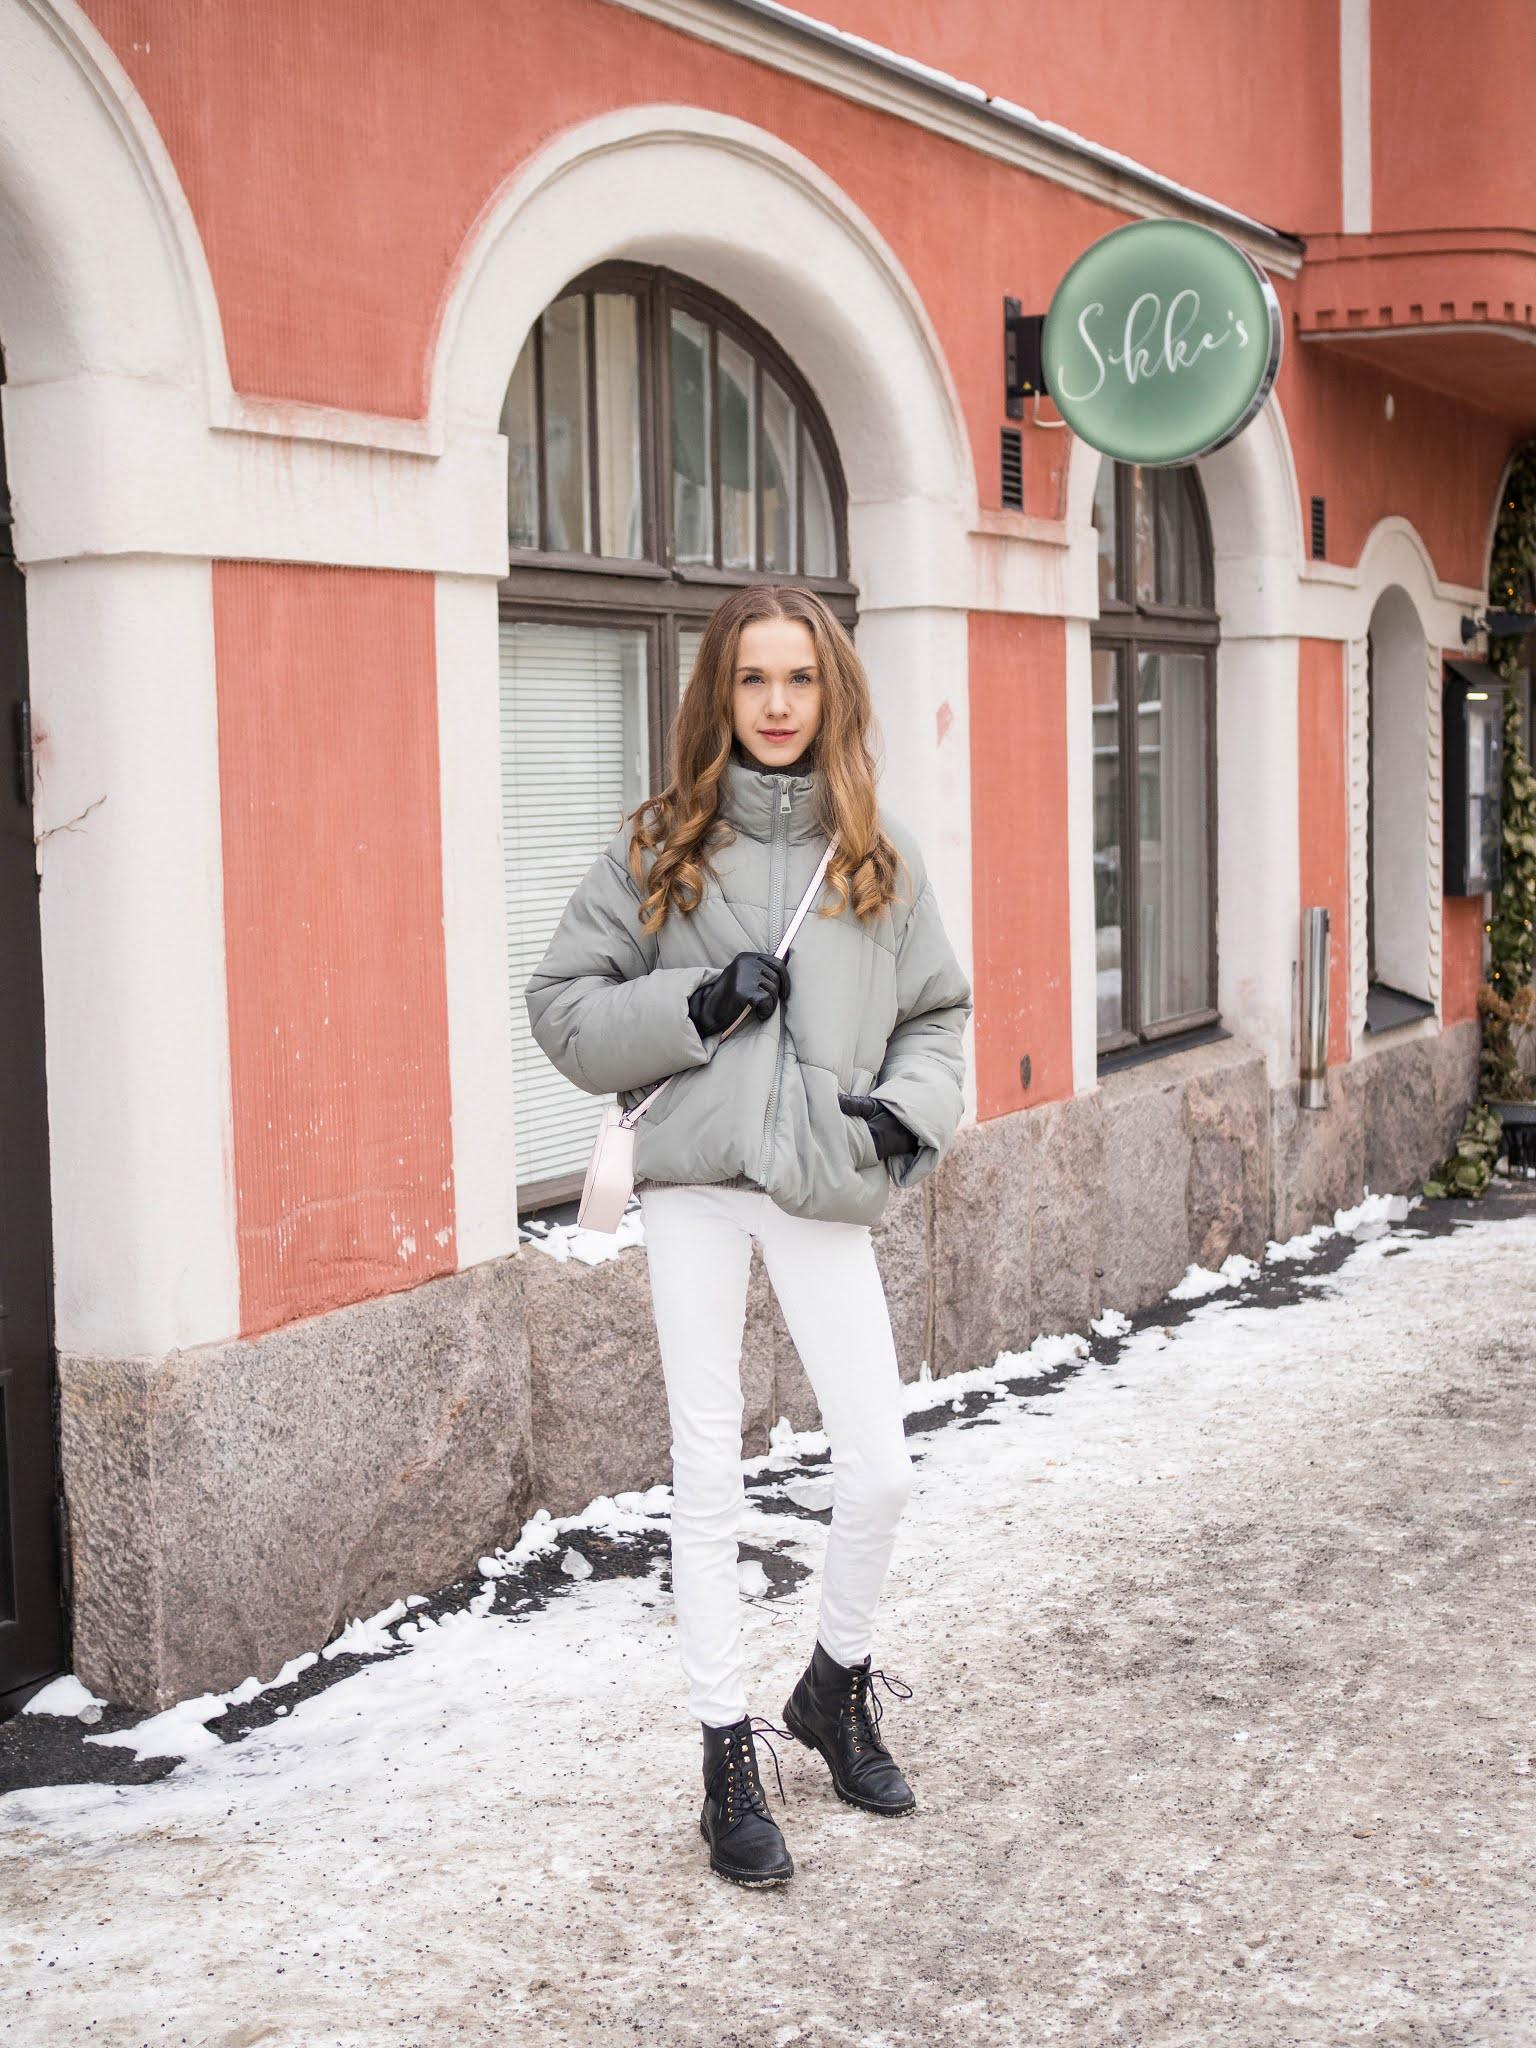 Kevättalven asuinspiraatio: valkoiset farkut, vihreä takki ja vaaleanpunainen laukku // Early spring outfit inspiration: green jacket, white jeans and pink crossbody bag